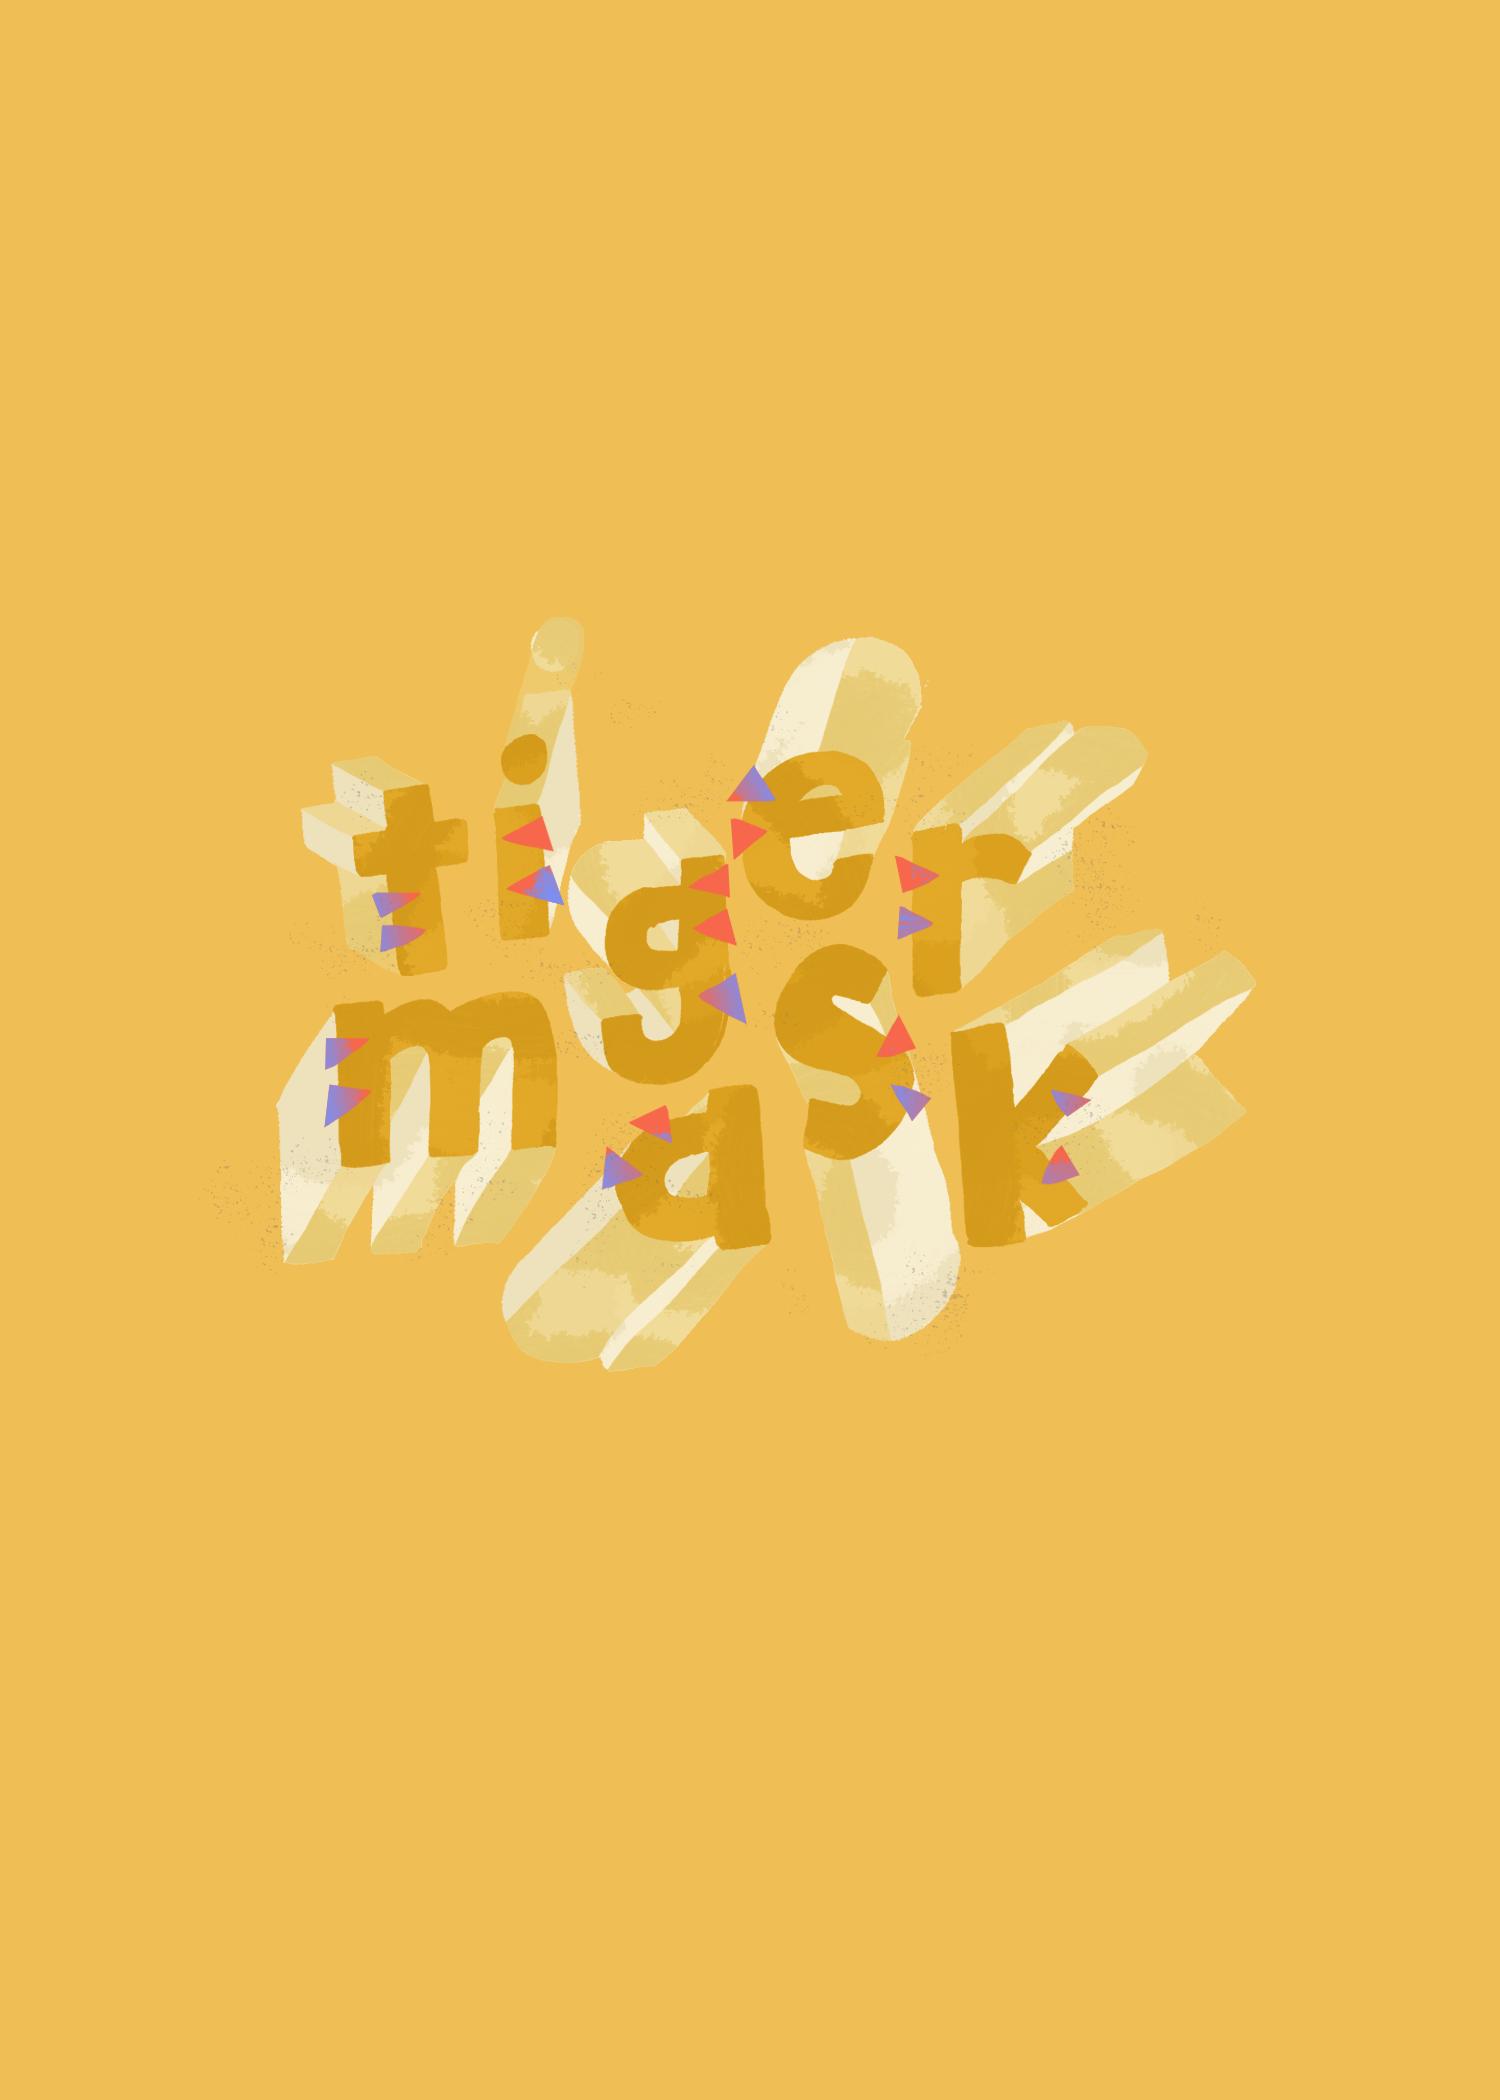 27.TigerMask.png